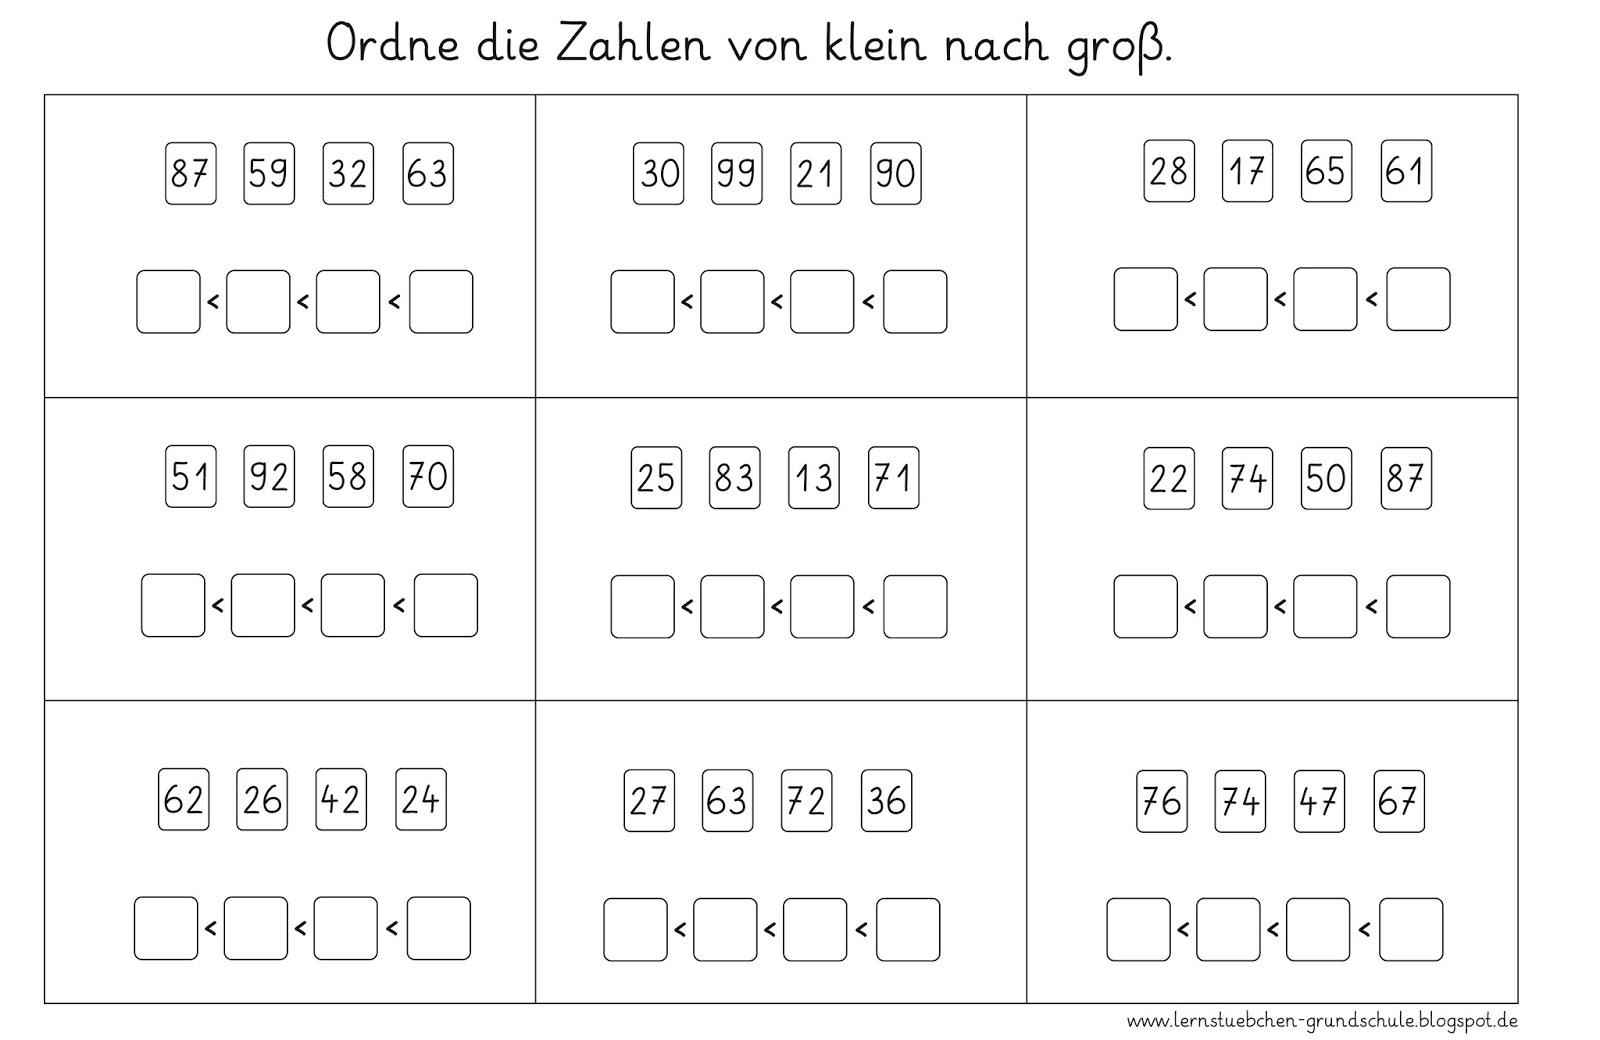 Ziemlich Ordnen Zahlen In Aufsteigender Reihenfolge Arbeitsblatt ...